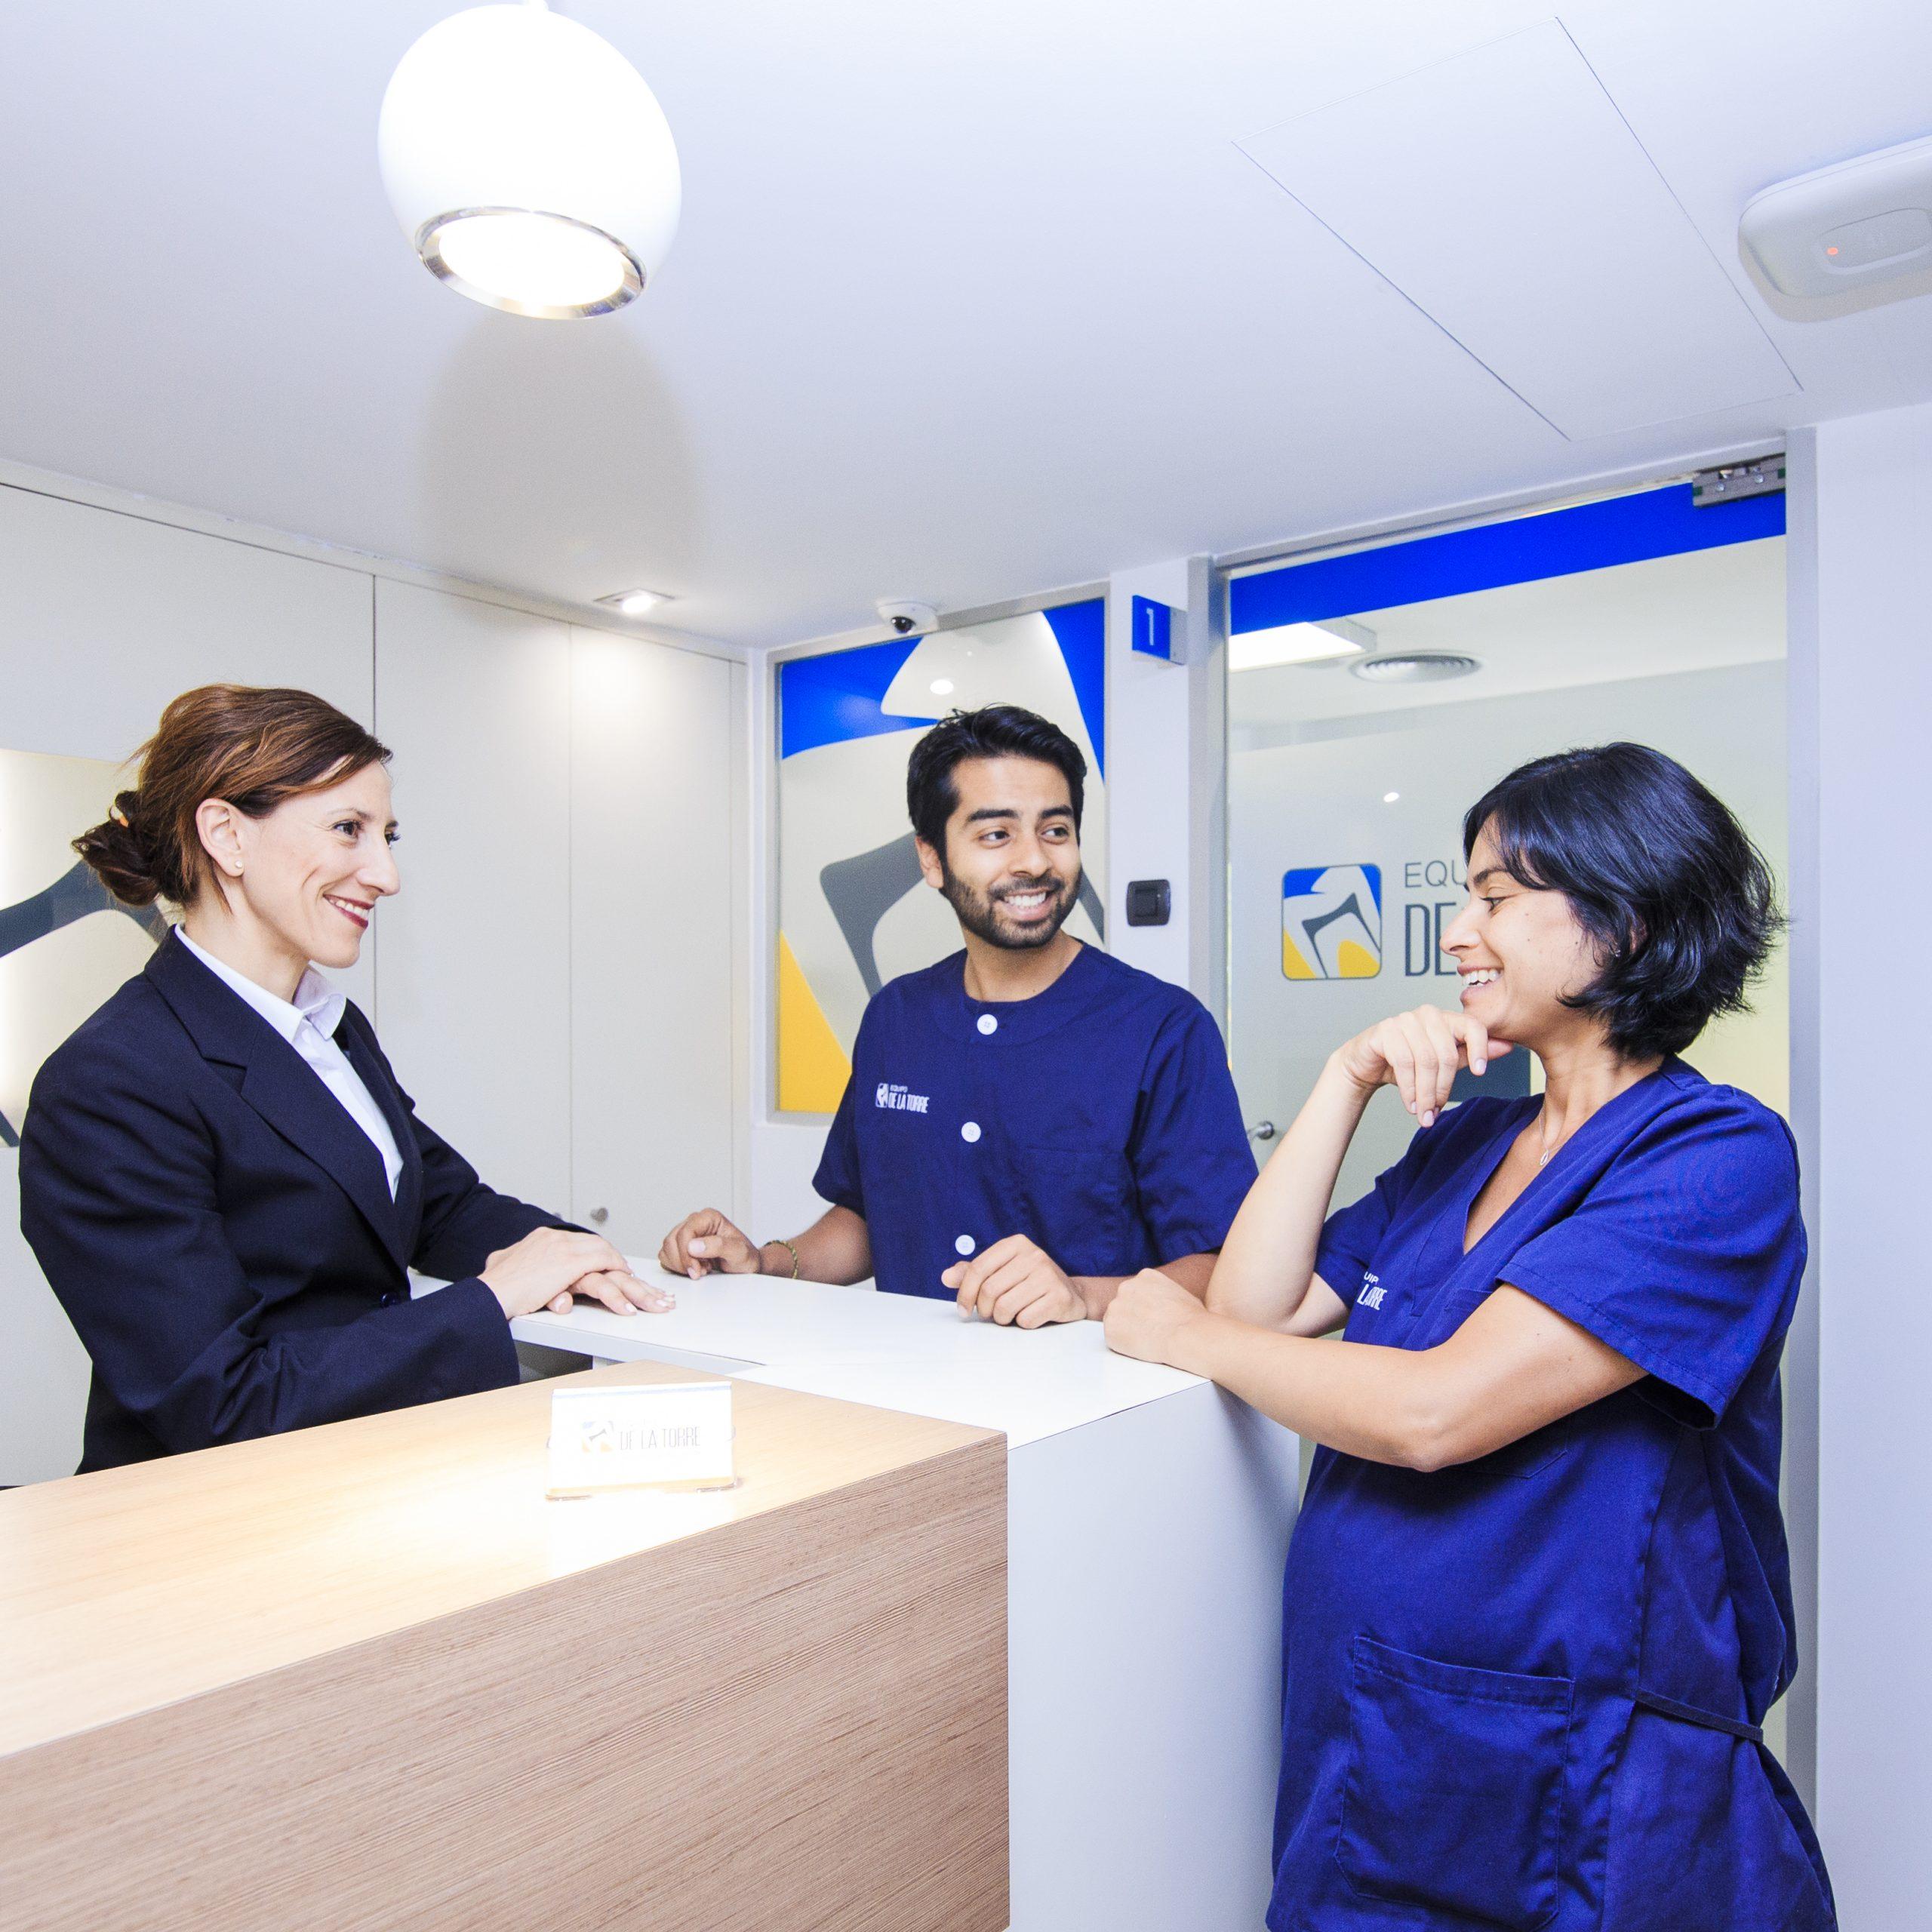 Dentistas en Santiago Bernabéu / Cuzco, Madrid. Conoce a Nuestro Equipo Dentista, Especializados Odontólogos a tu Servicio en Cuzco.